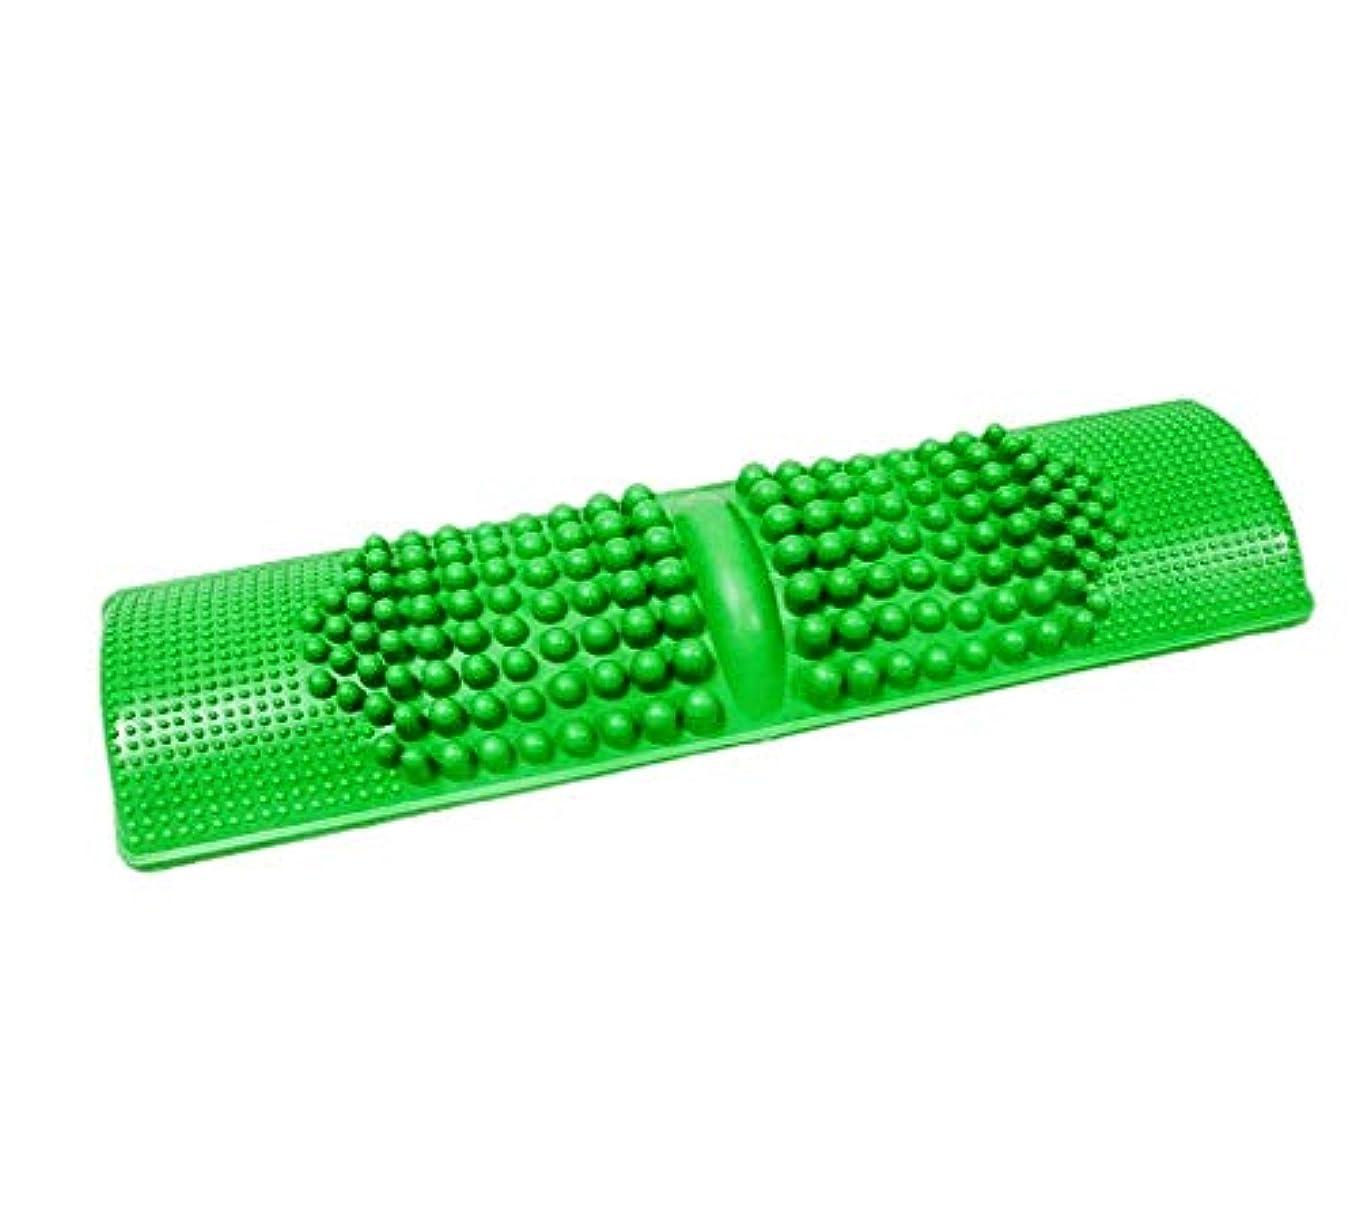 ゼリー忌避剤摘む簡単に健康維持 BIGサイズ 足つぼマッサージ 足 踏み 足裏 刺激 血行促進 (グリーン)